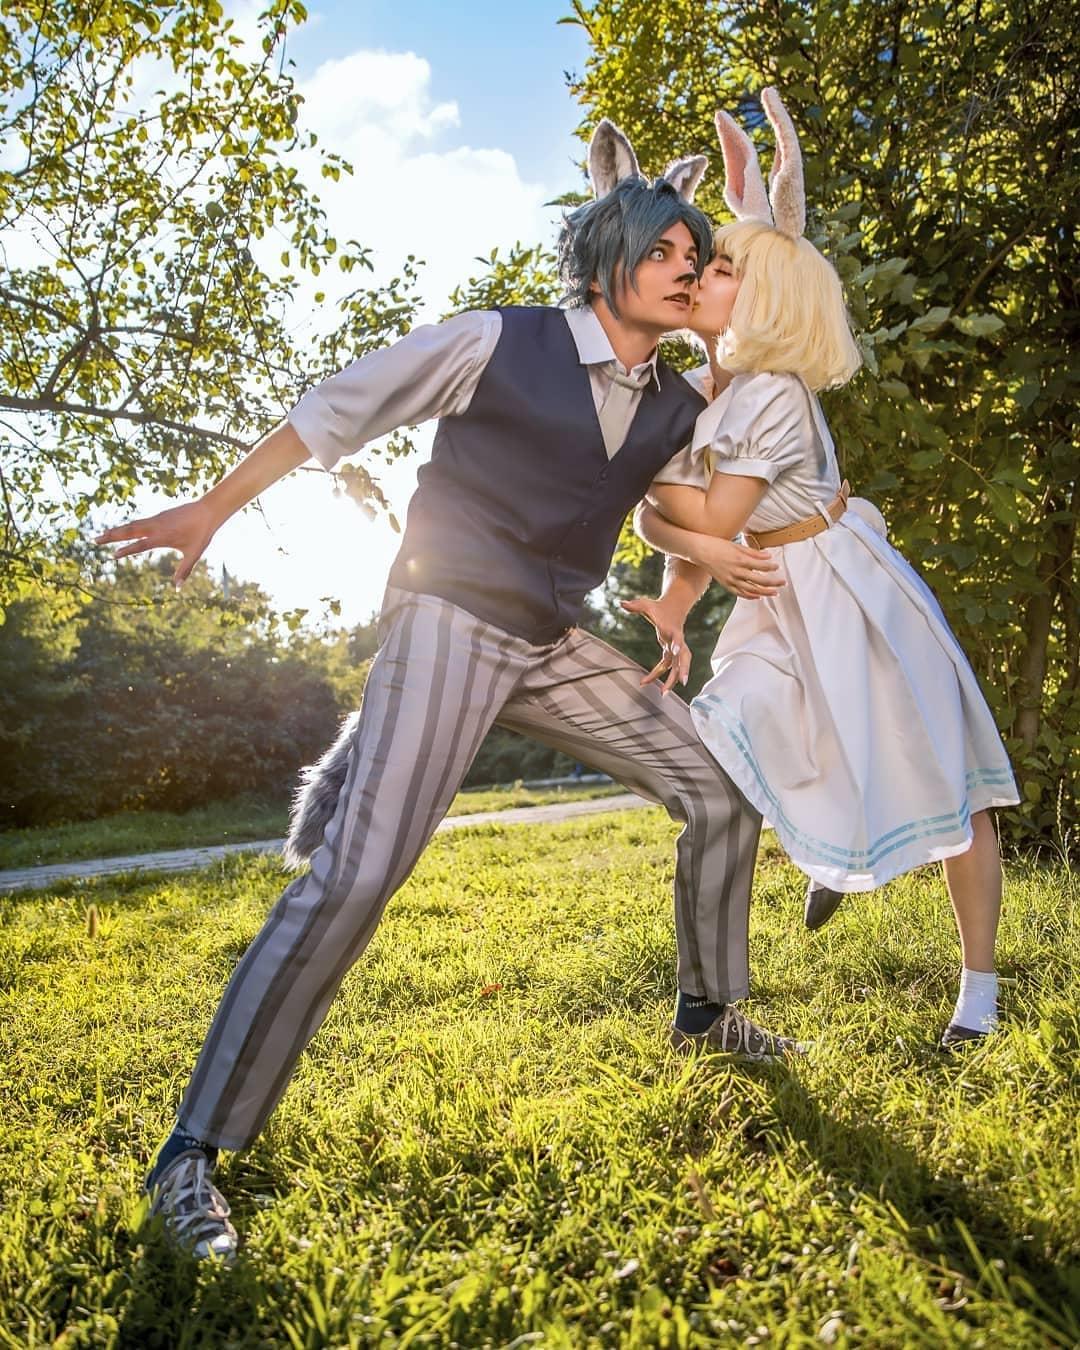 Fotografía de los cosplayers Ayame y Diana Schrader haciendo de Haru y Legoshi de 'Beastars' mientras ella lo besa en la.mejilla y lo toma del brazo izquierdo y al fondo se ve el parque y el cielo azul.